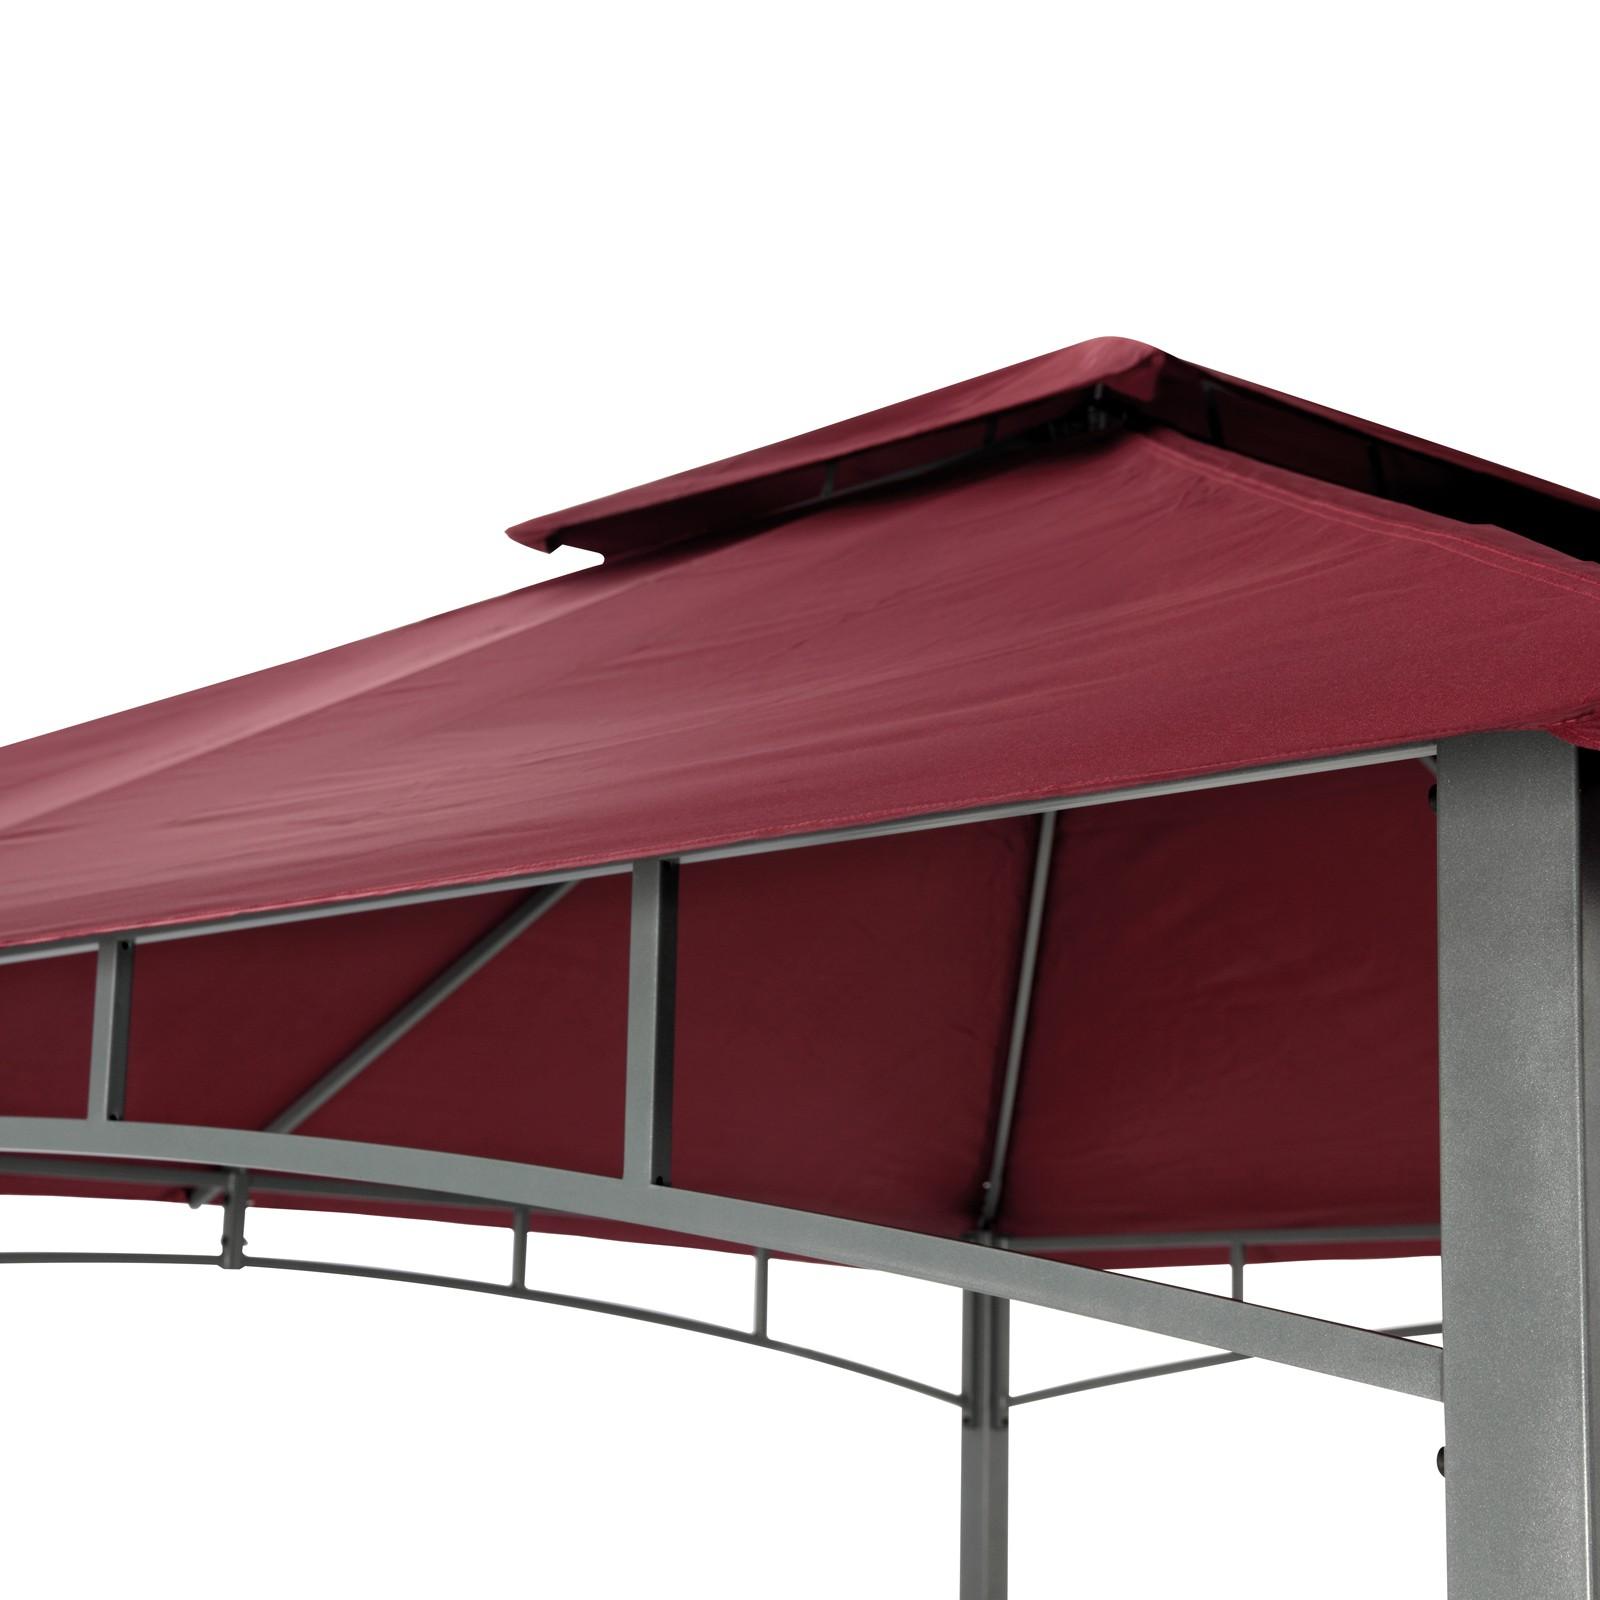 tepro gartenpavillon pavillon 3x3 m garten partyzelt gartenzelt waya burgund ebay. Black Bedroom Furniture Sets. Home Design Ideas